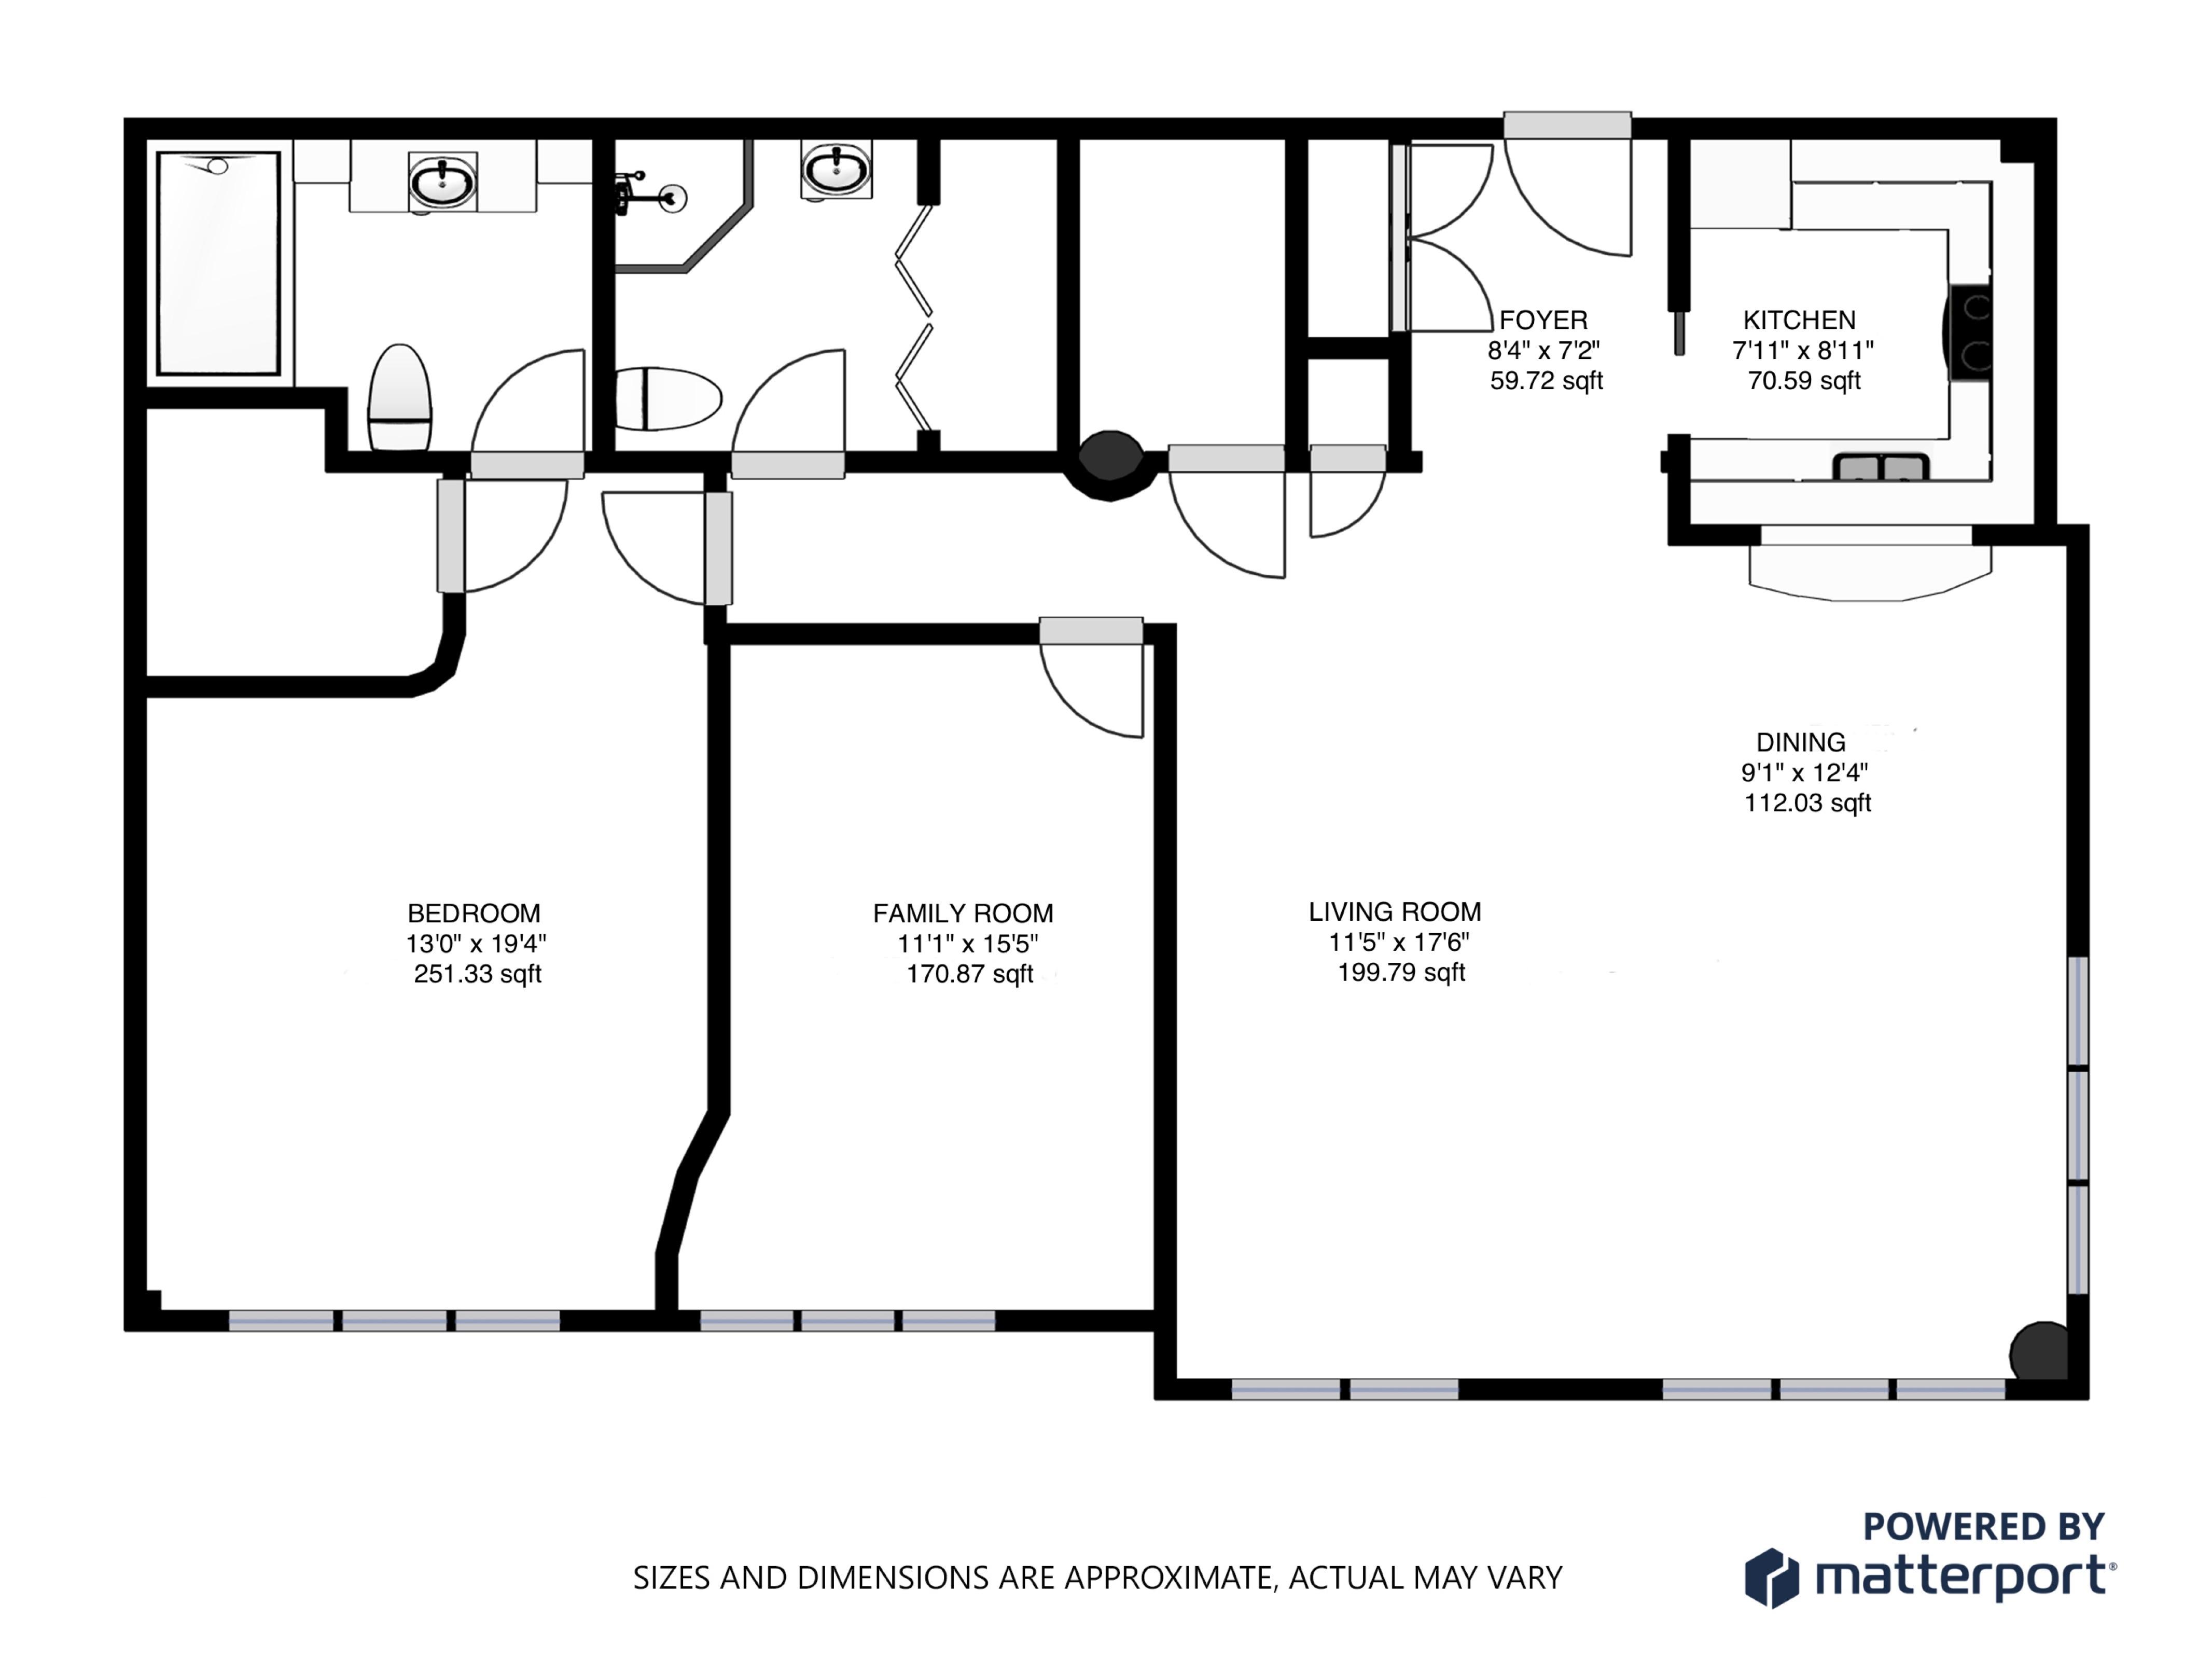 3d Floor Plan Interactive 3d 3d Floor Plan Modeling And